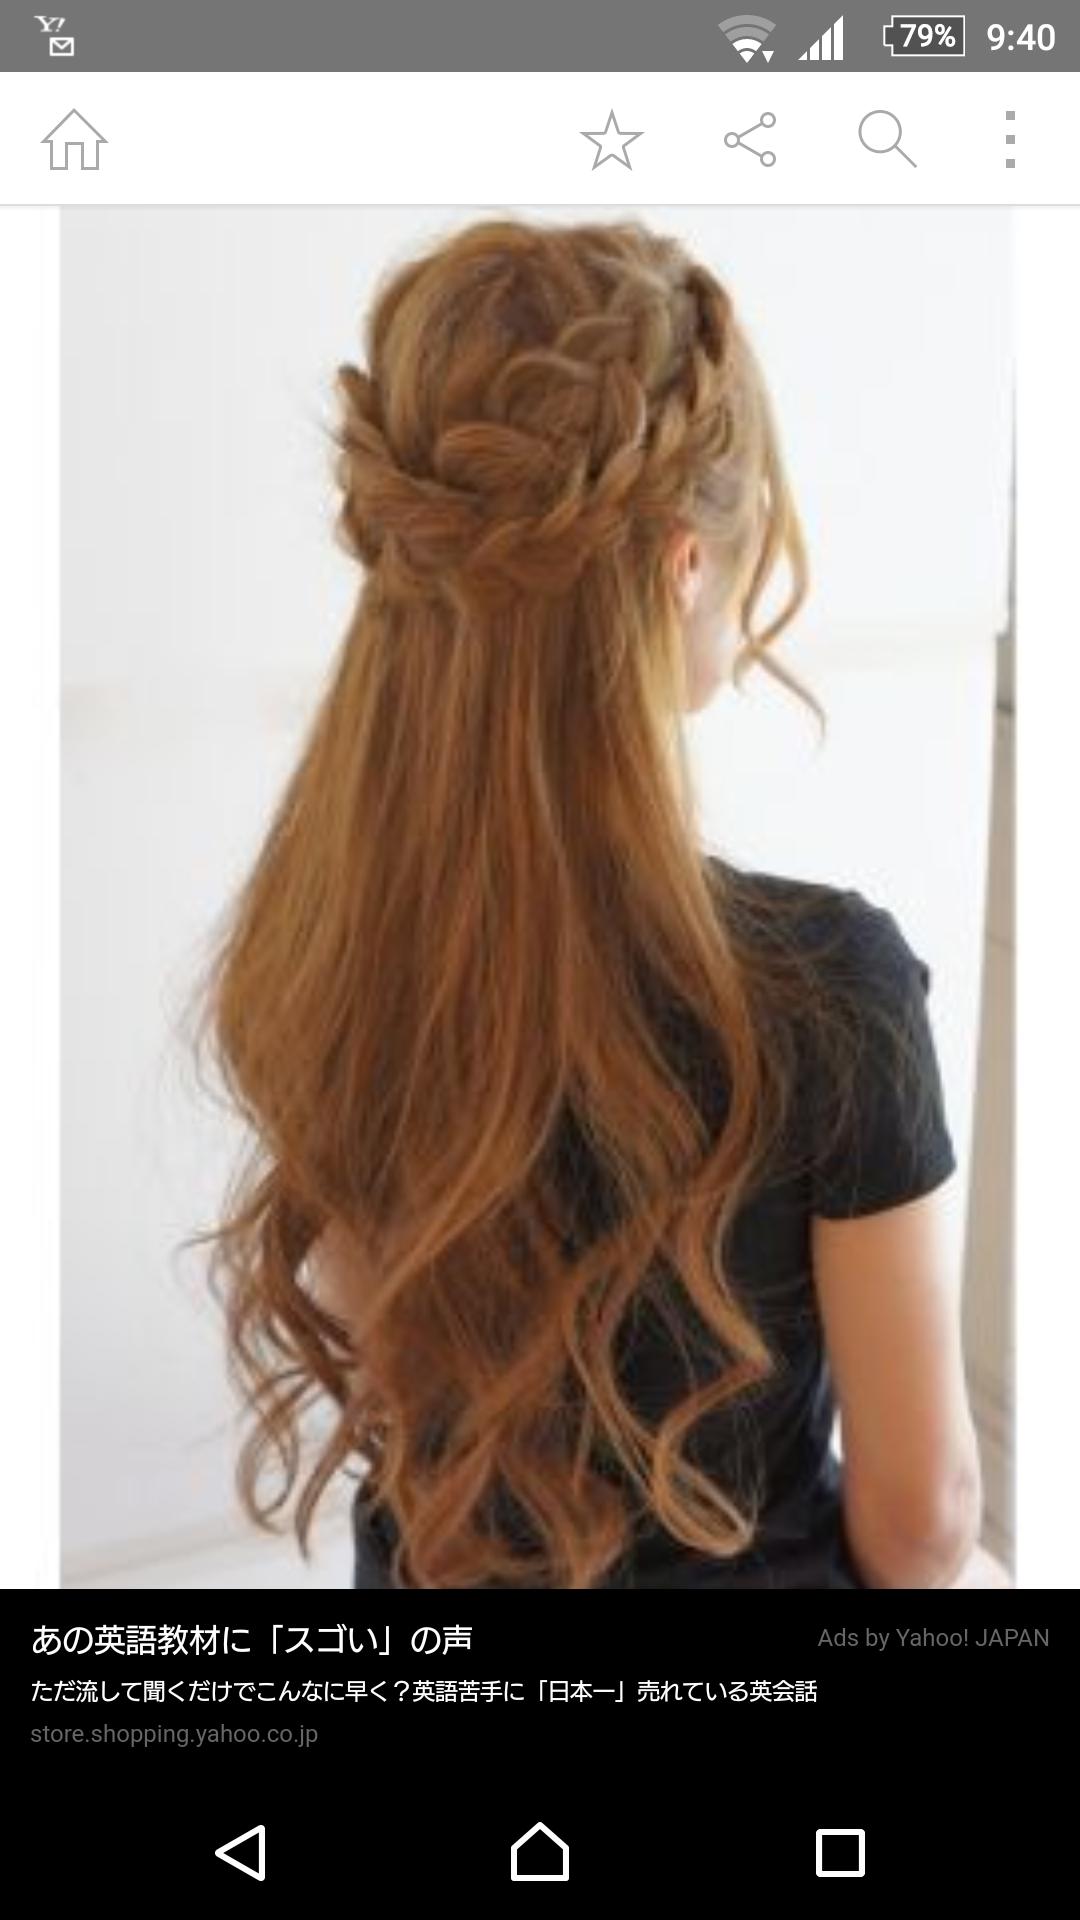 ときめくヘアスタイル